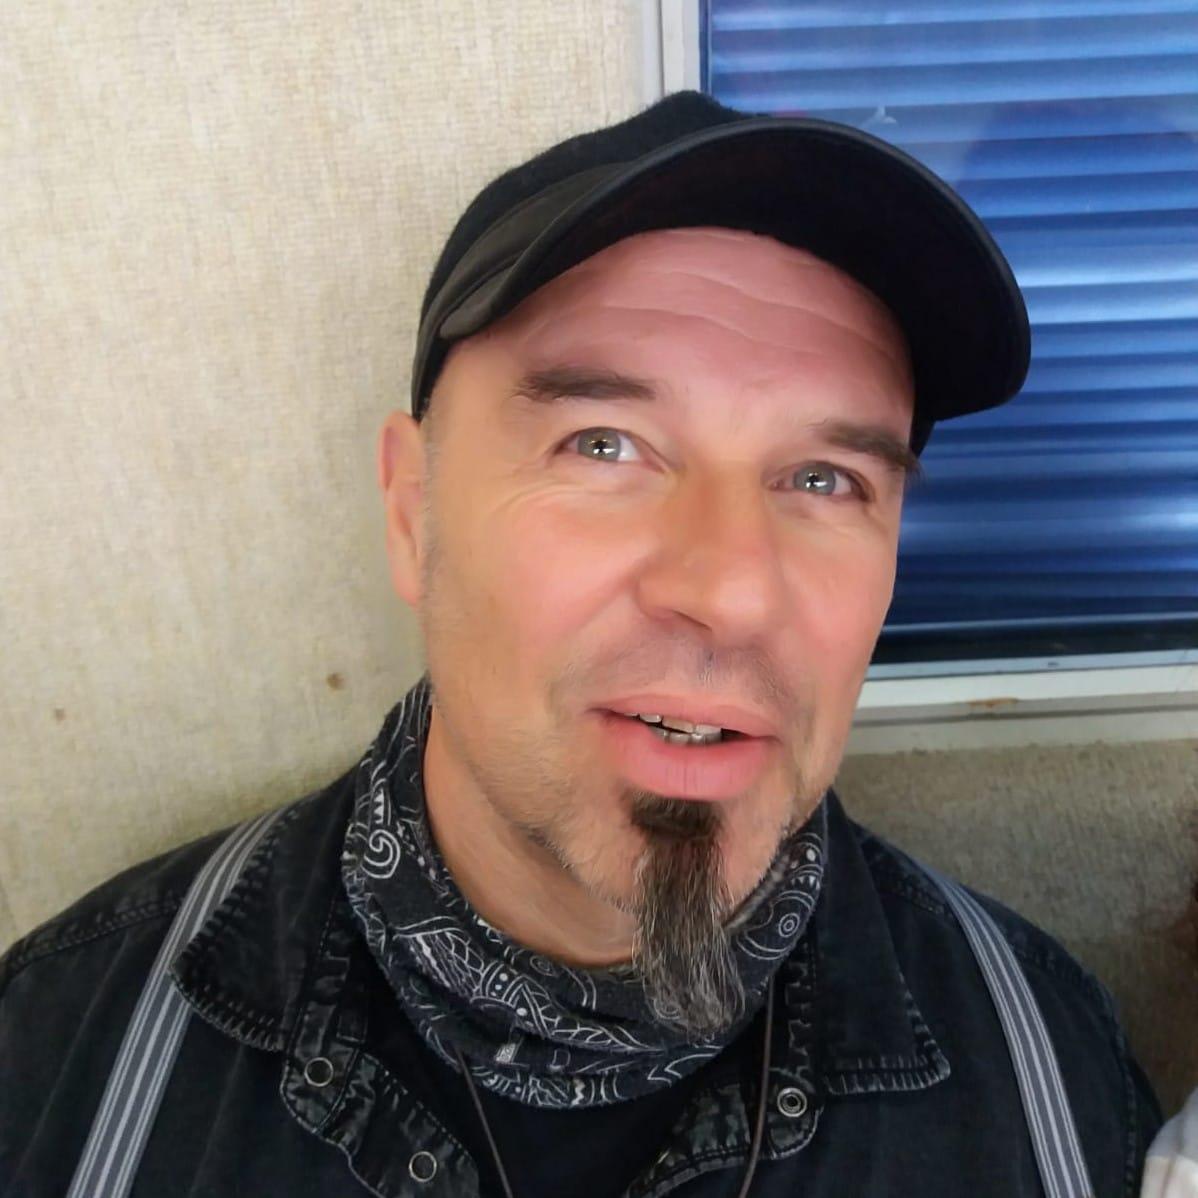 Jörg Musaeus